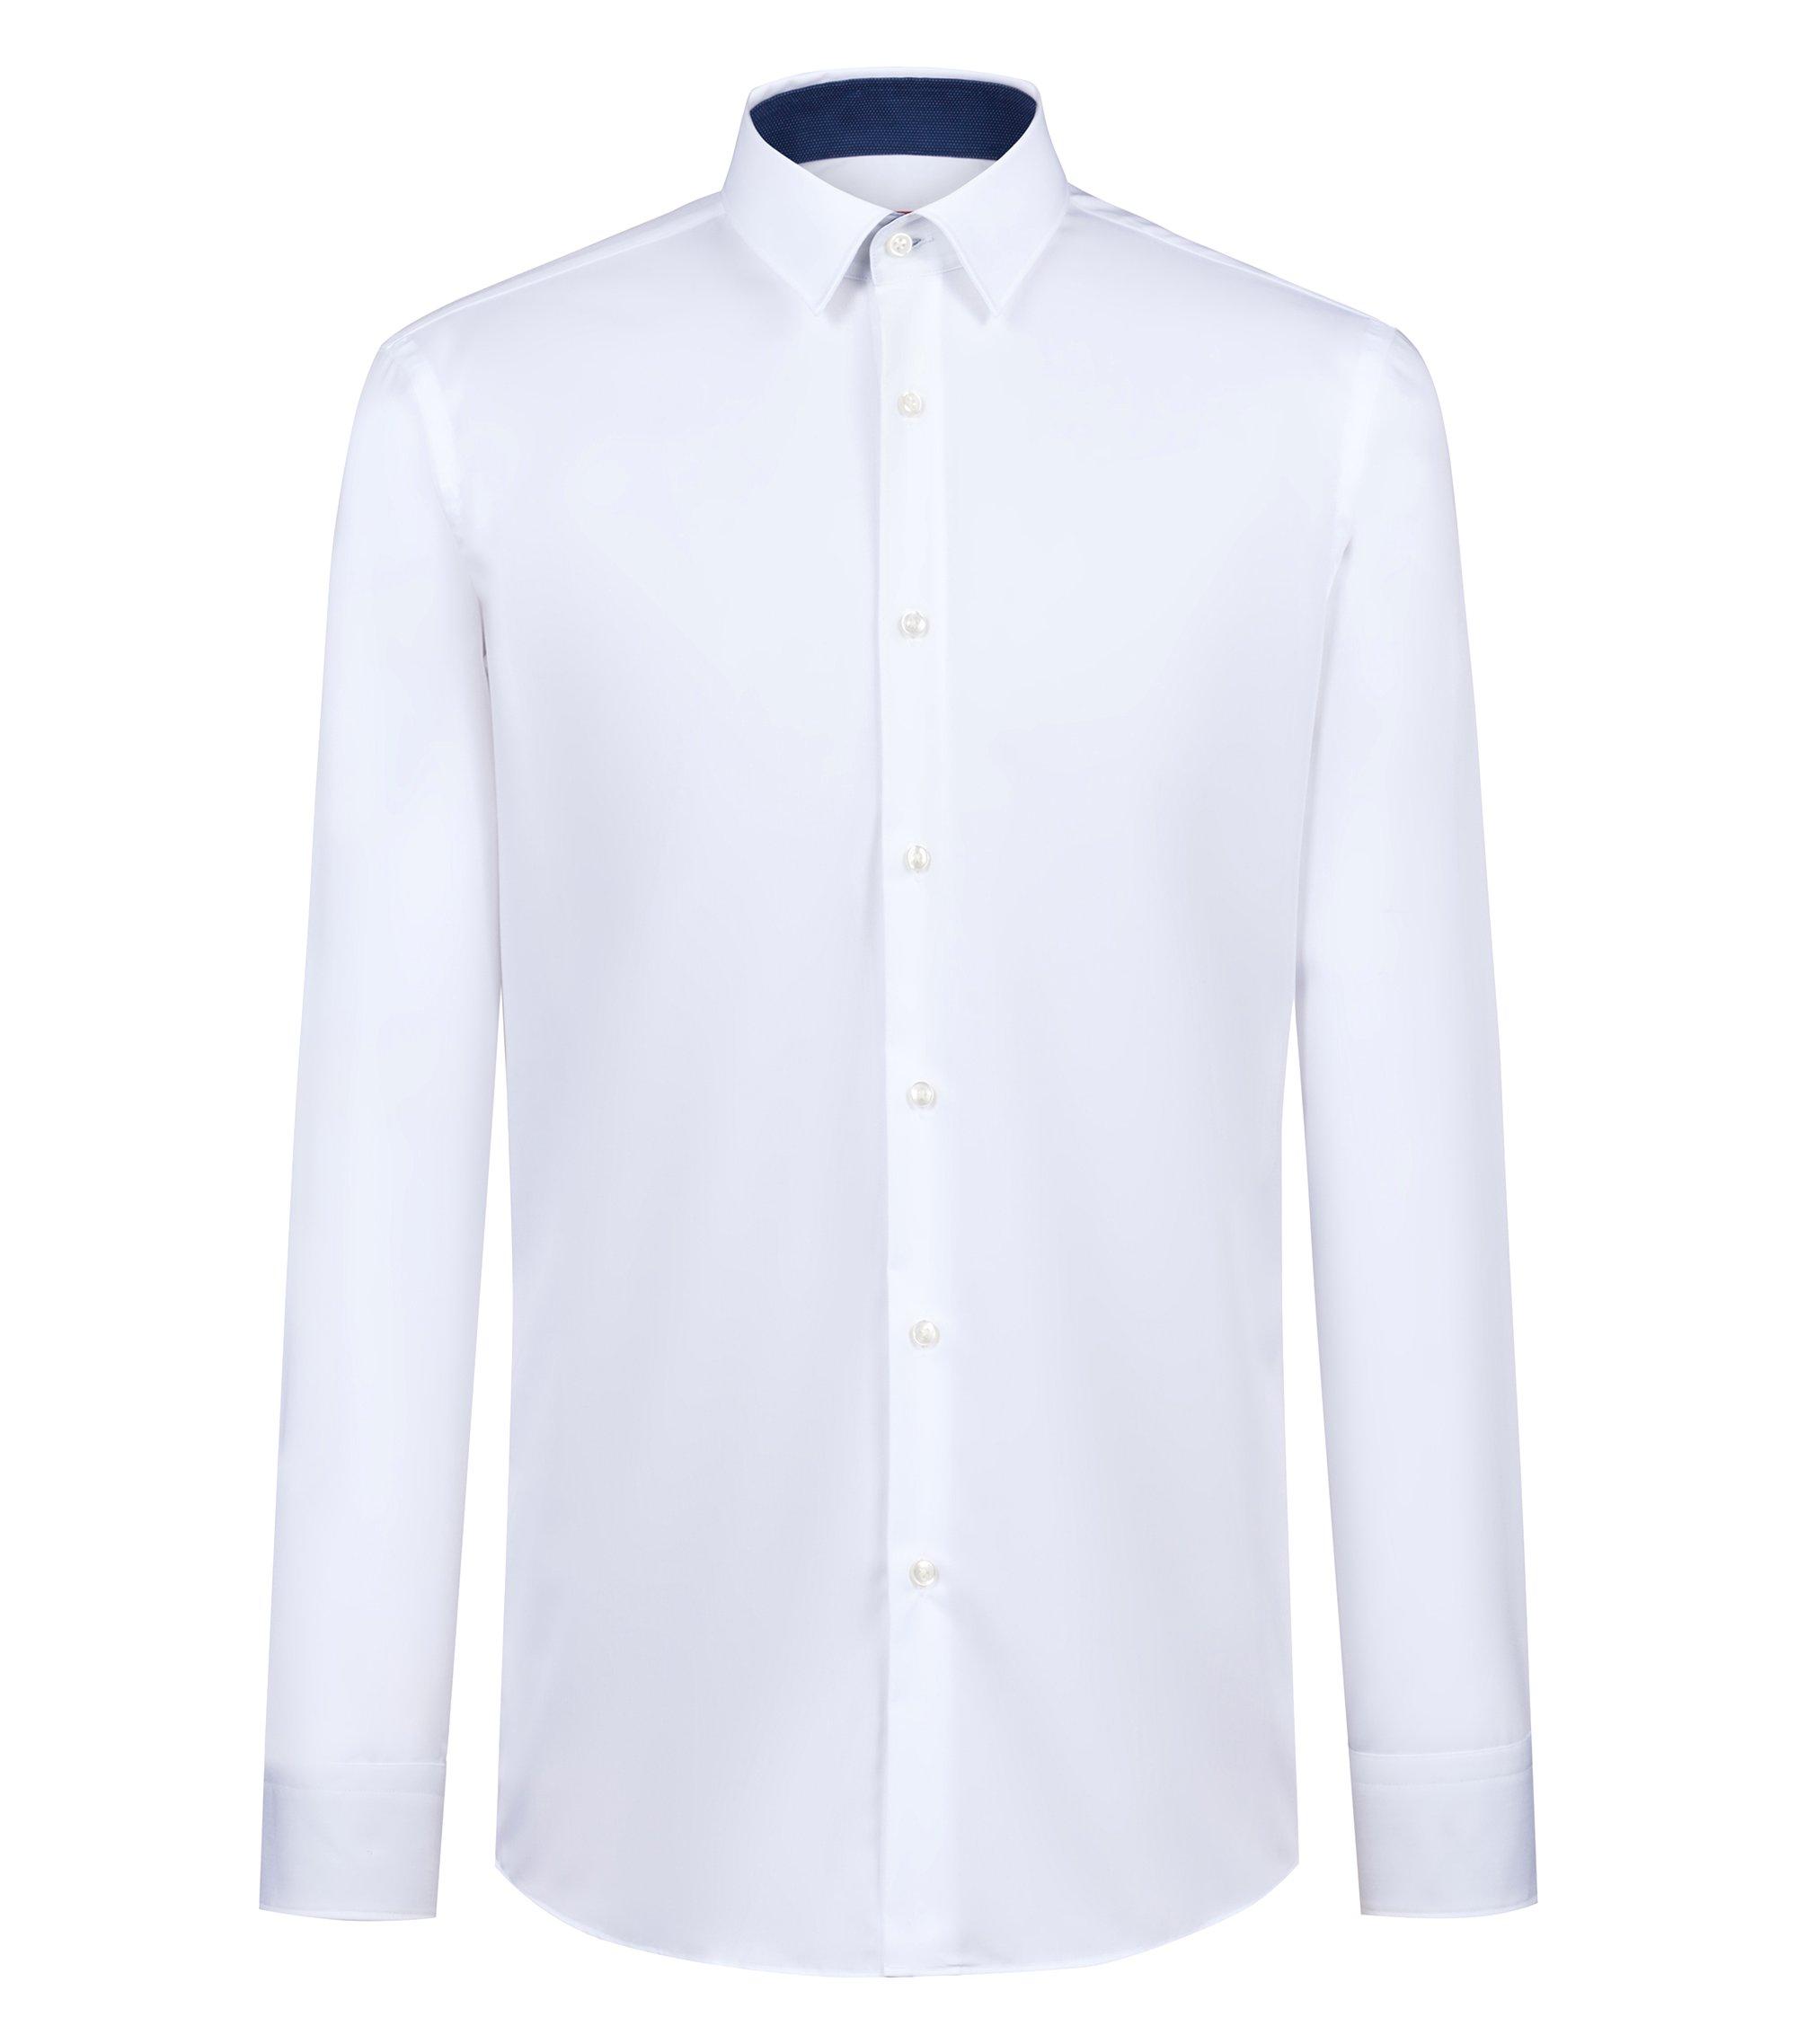 Regular-Fit Hemd aus Baumwoll-Popeline mit Kontrast-Details, Weiß